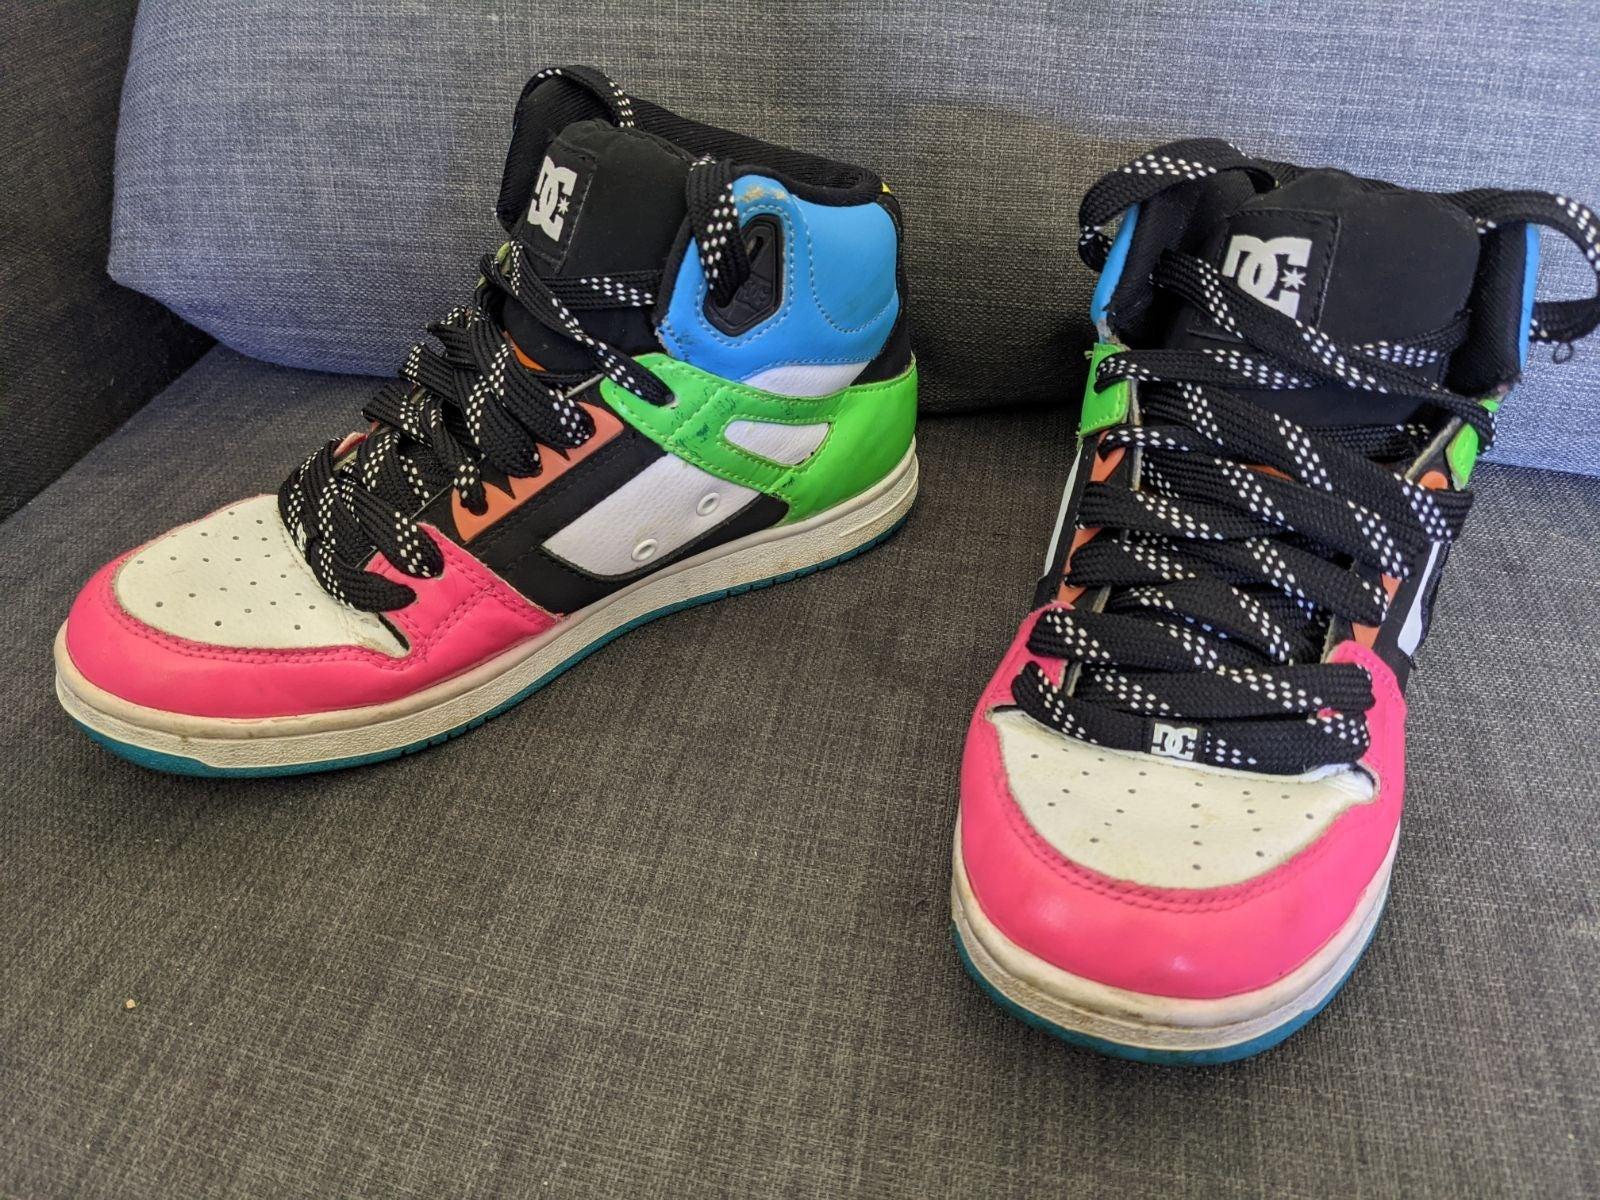 DC Women's Skateboard Shoes 7 Sneakers